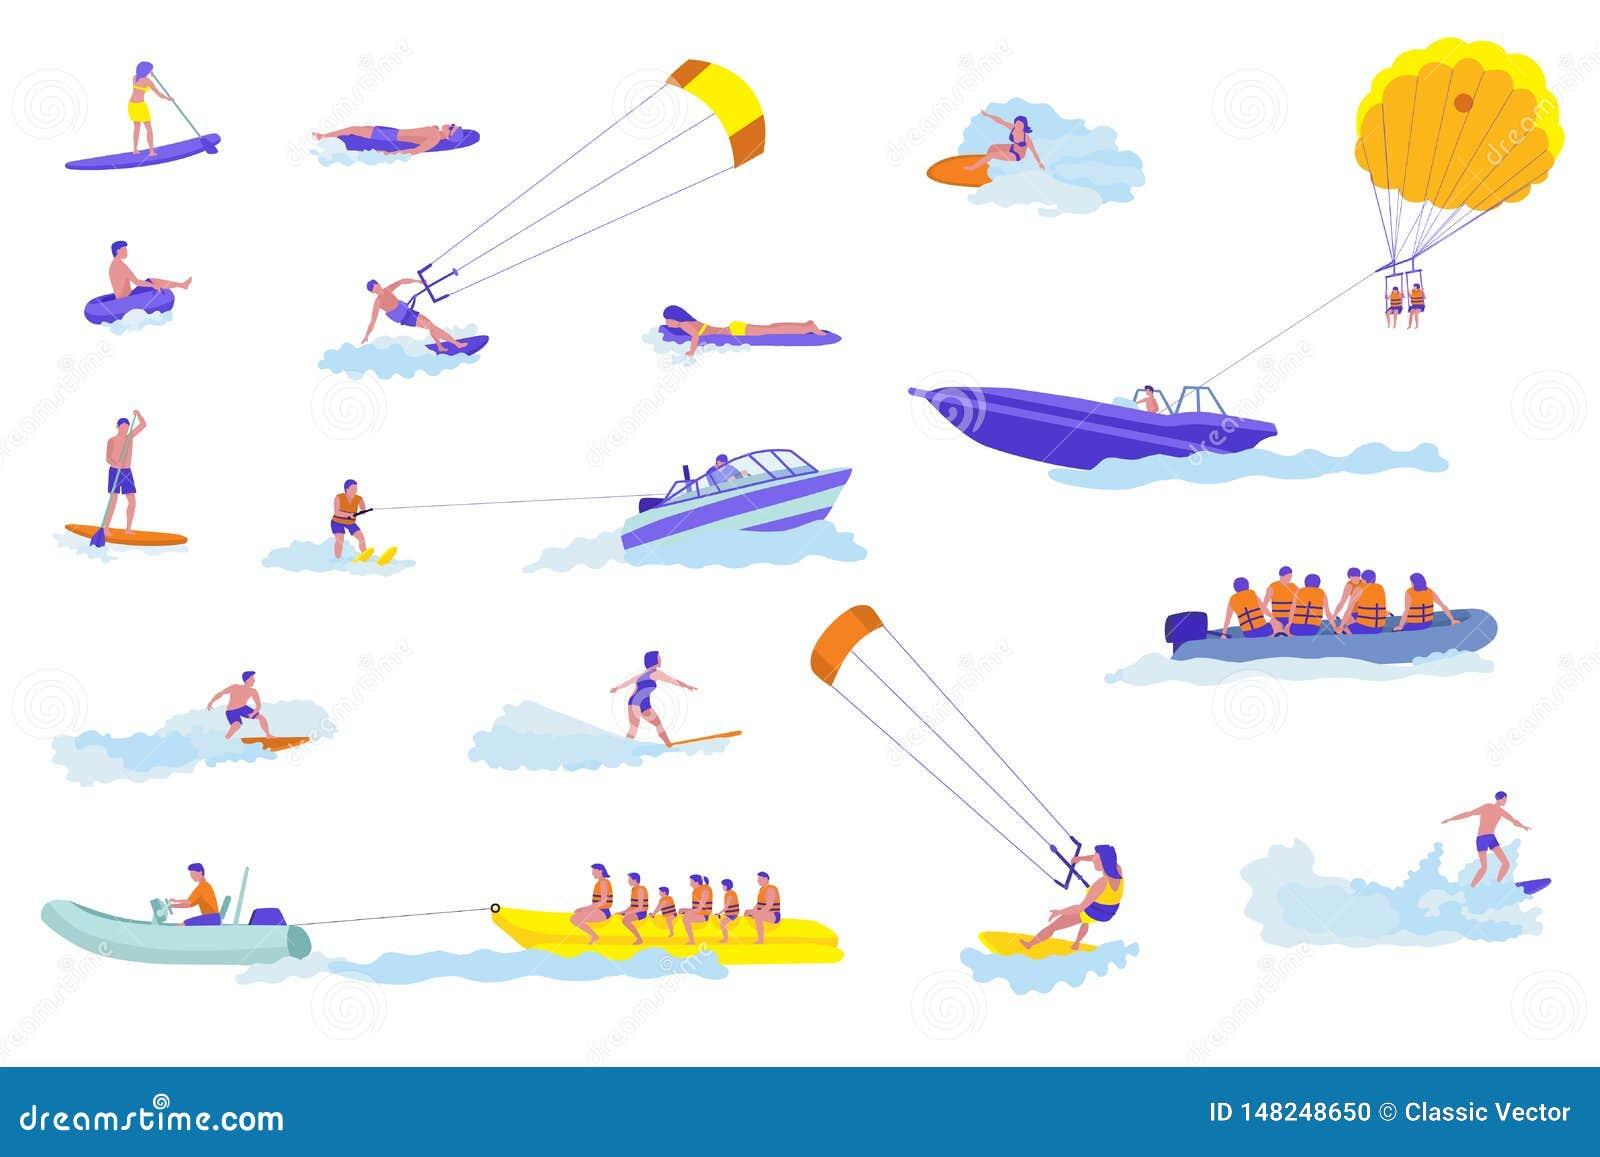 Ensemble d illustrations de vecteur de bande dessinée de sports aquatiques